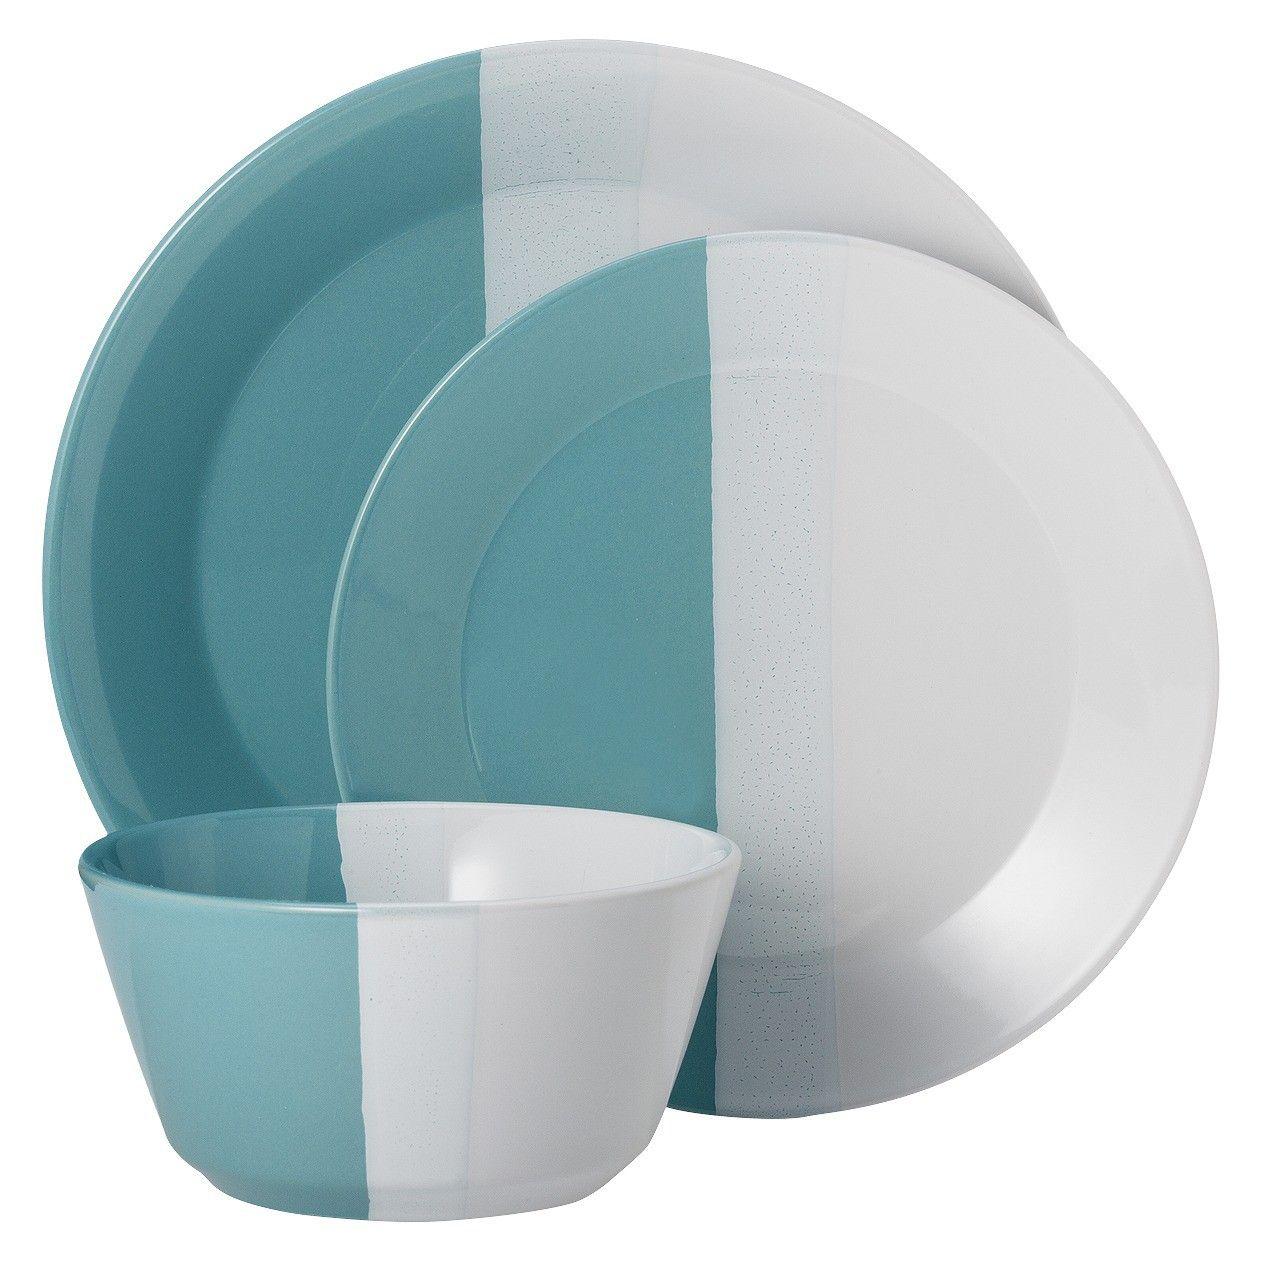 Room Essentials Tri Band 12 Piece Dinnerware Set Target